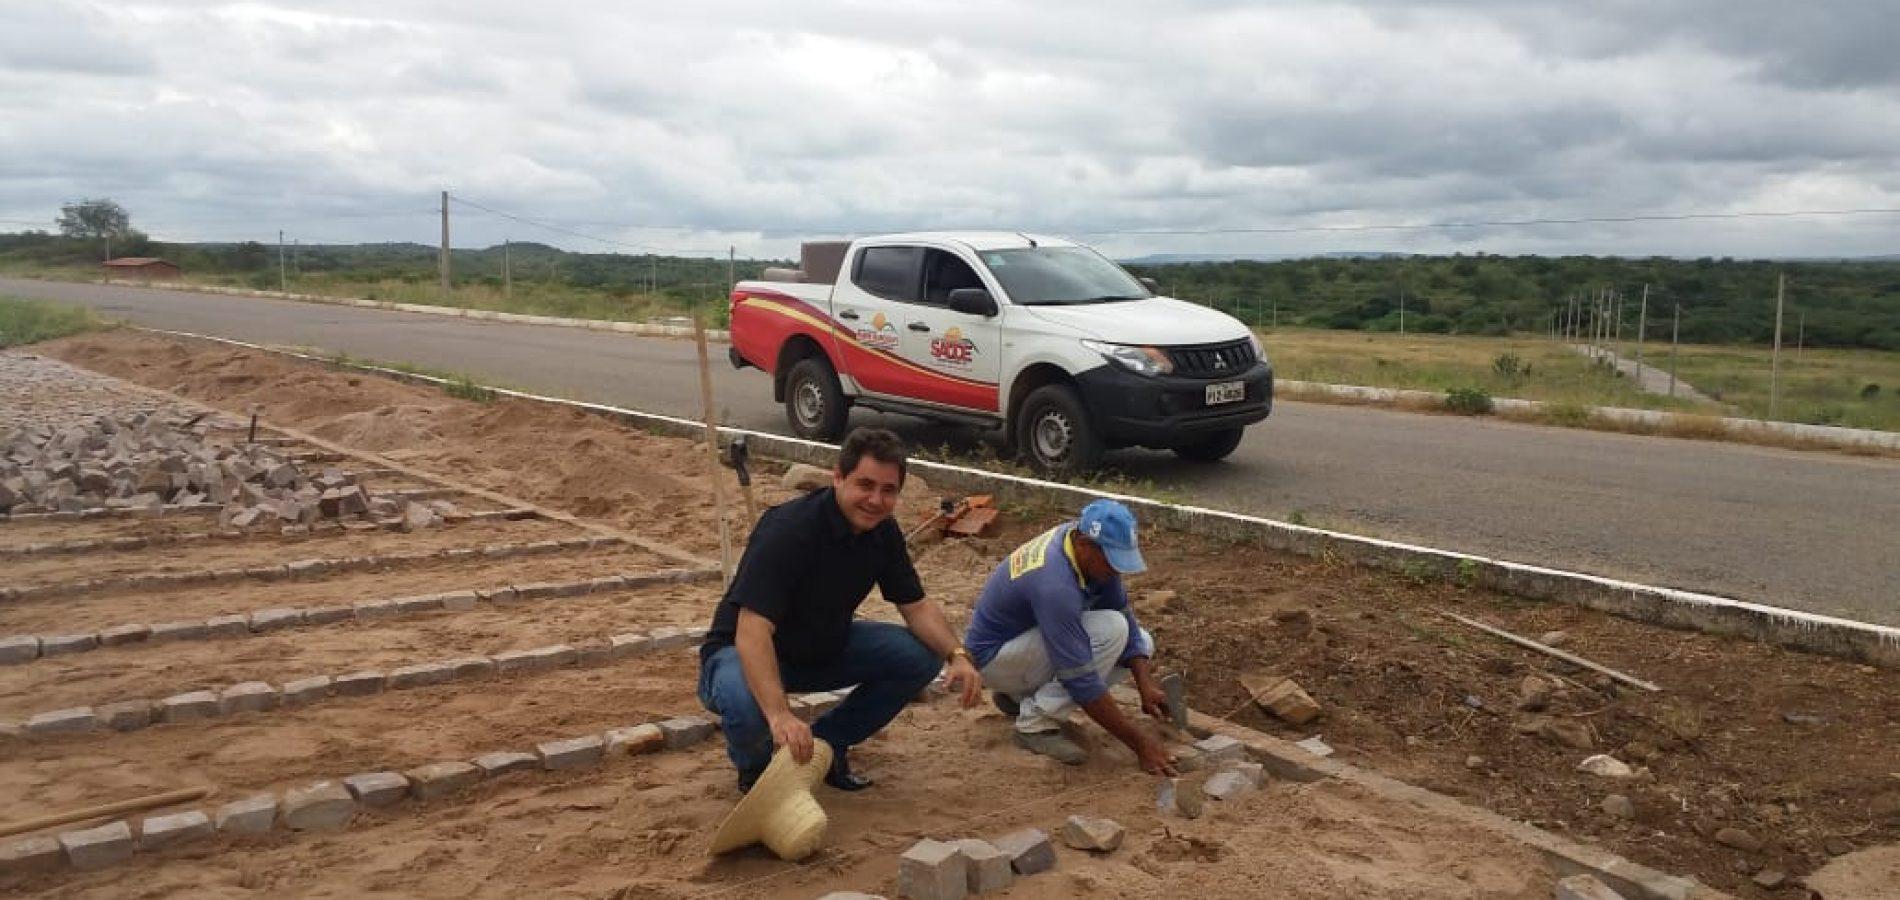 PADRE MARCOS | Obras de 2 mil metros de pavimentação poliédrica seguem em ritmo acelerado